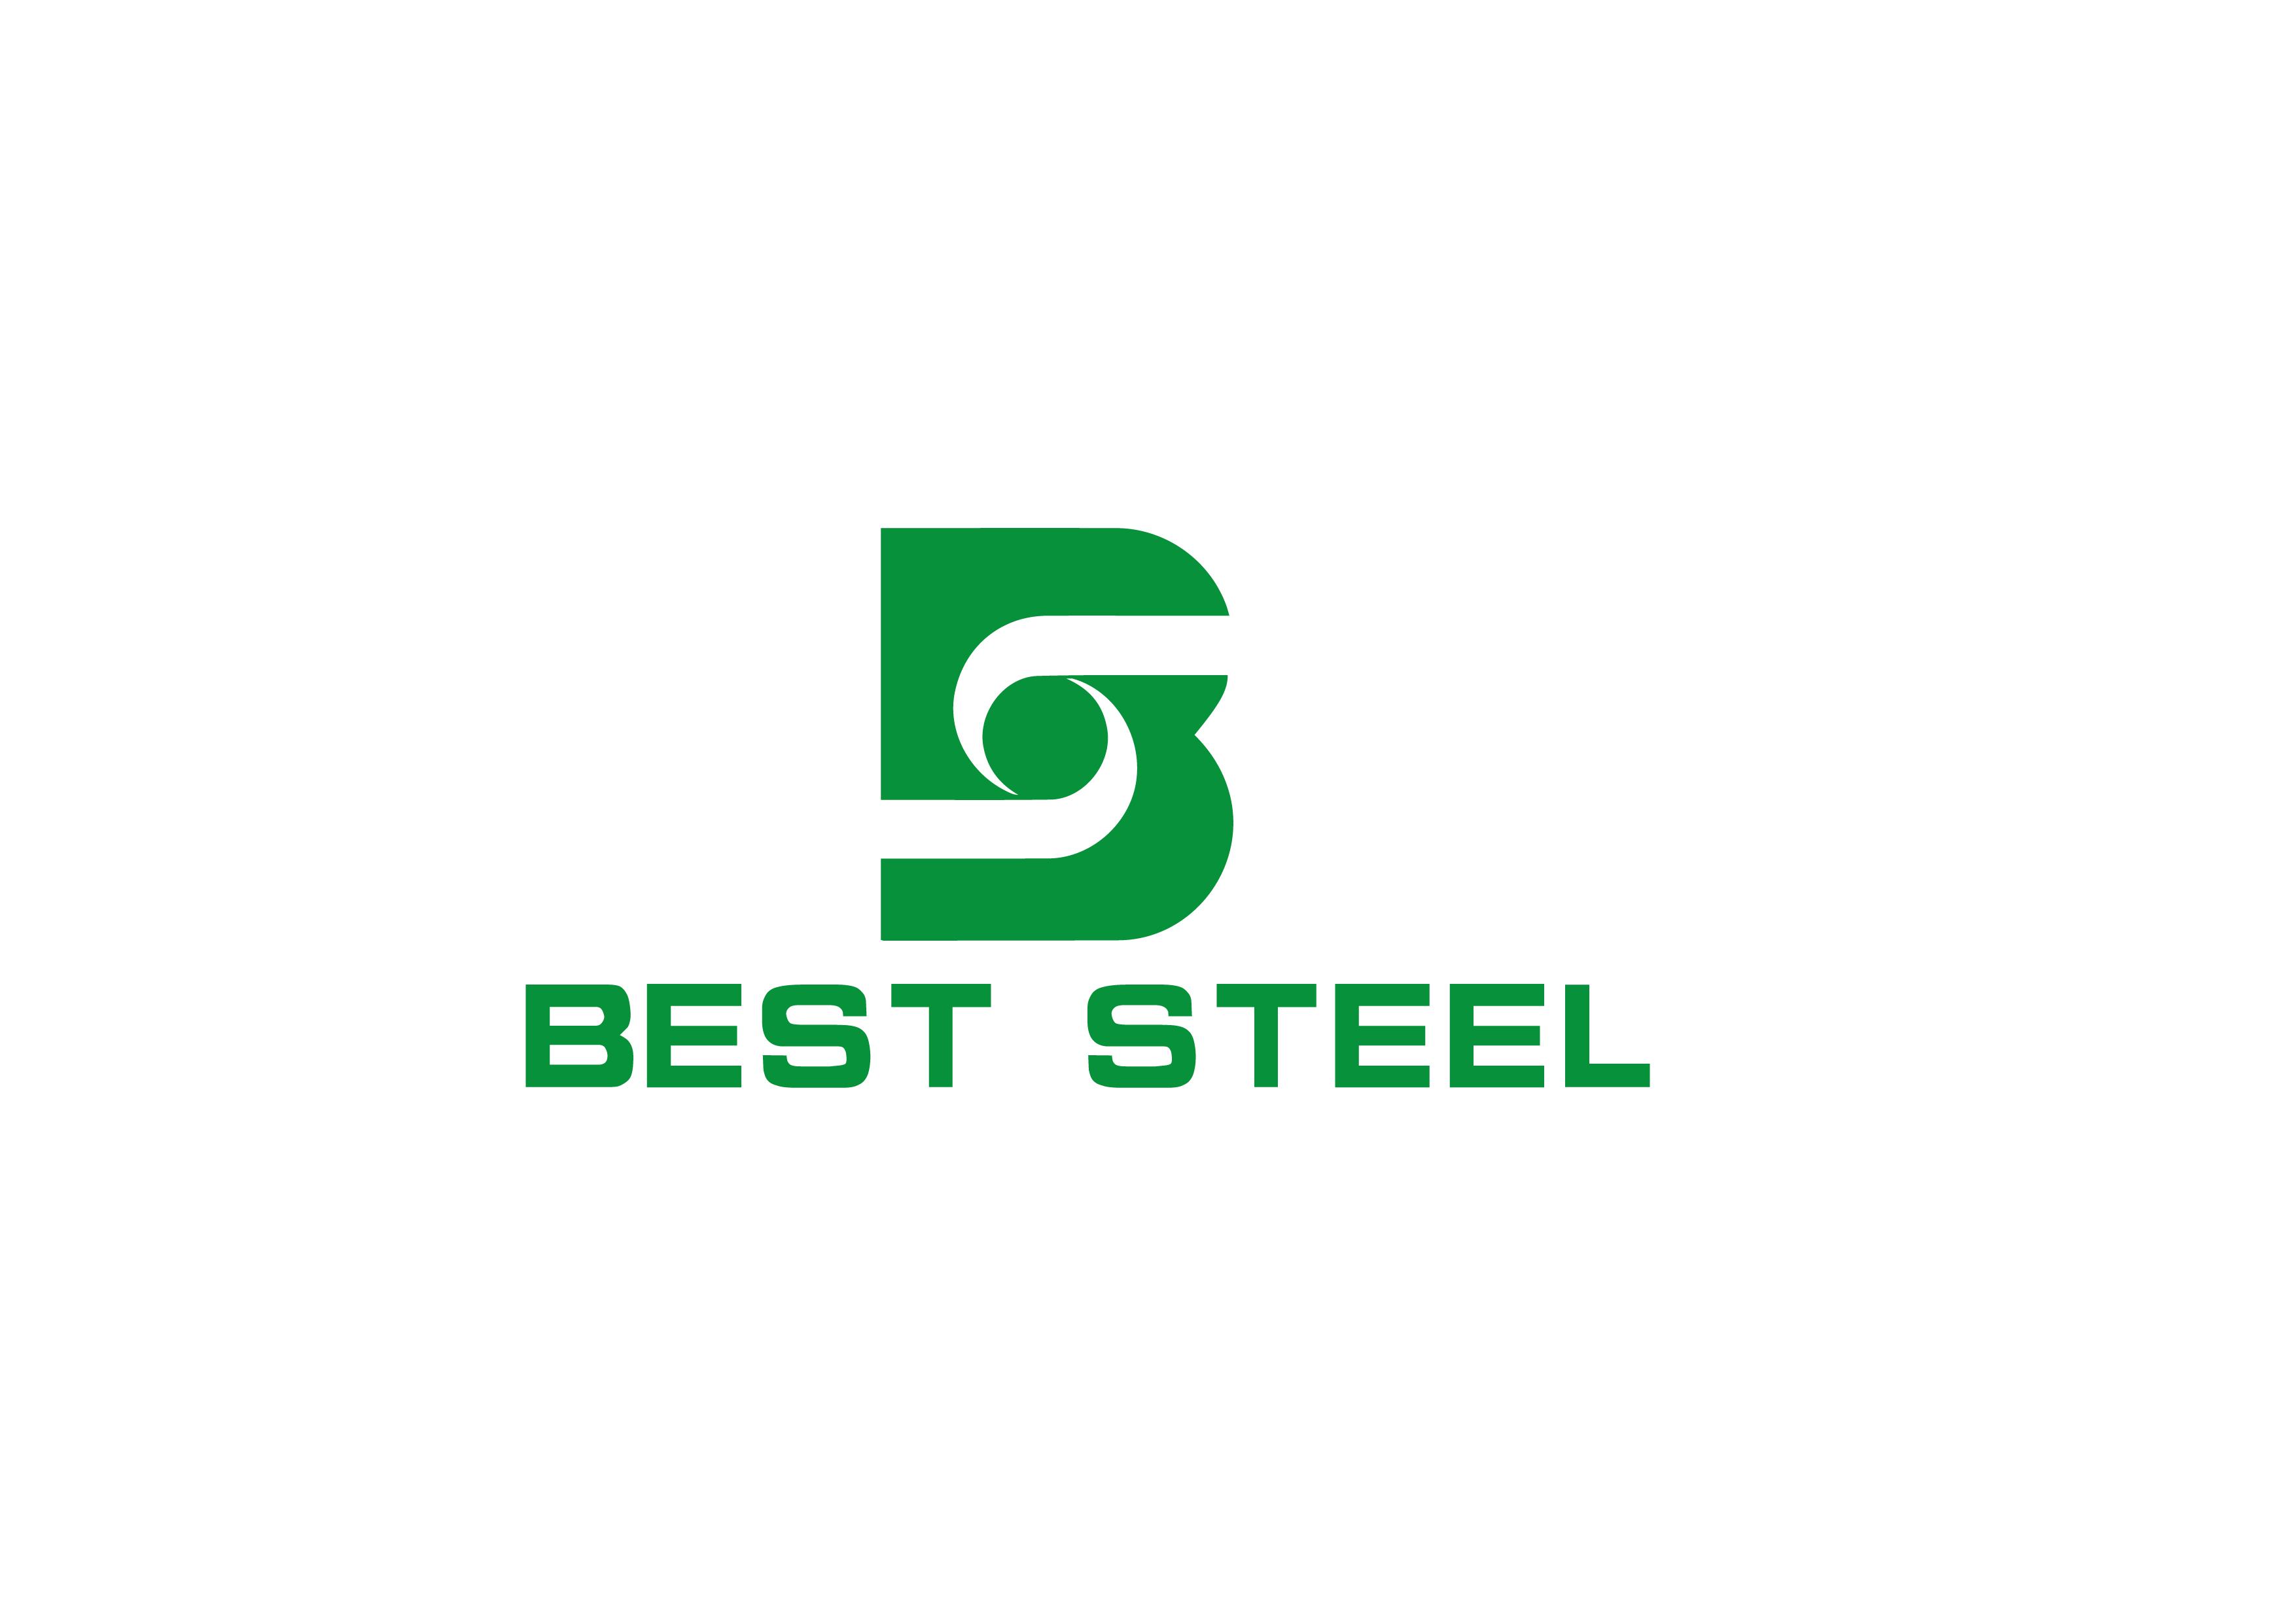 天津市淇奧鋼鐵有限公司